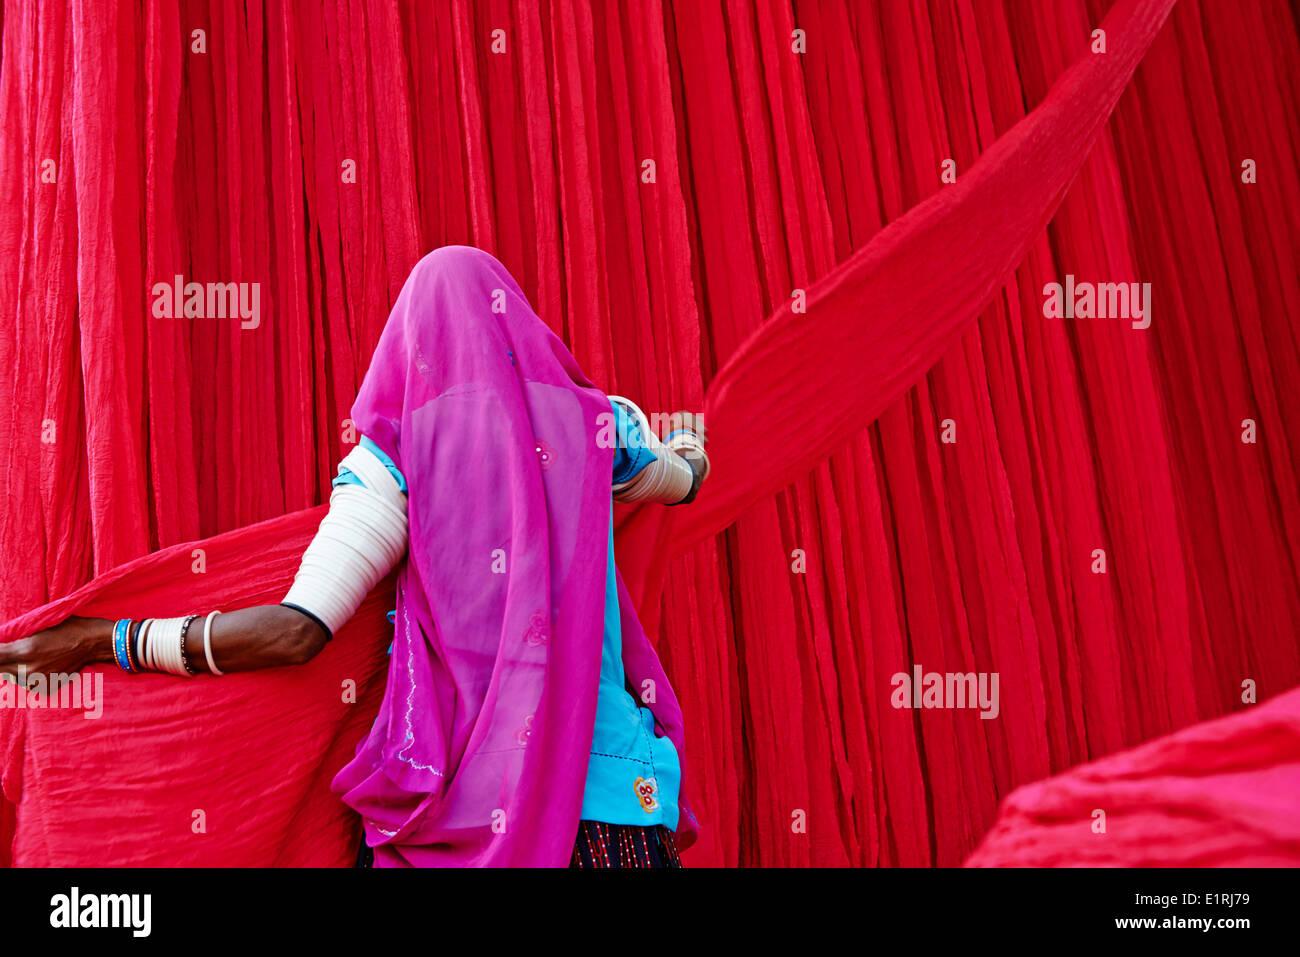 La India, Rajastán, Sari, fábrica de prendas de vestir Imagen De Stock